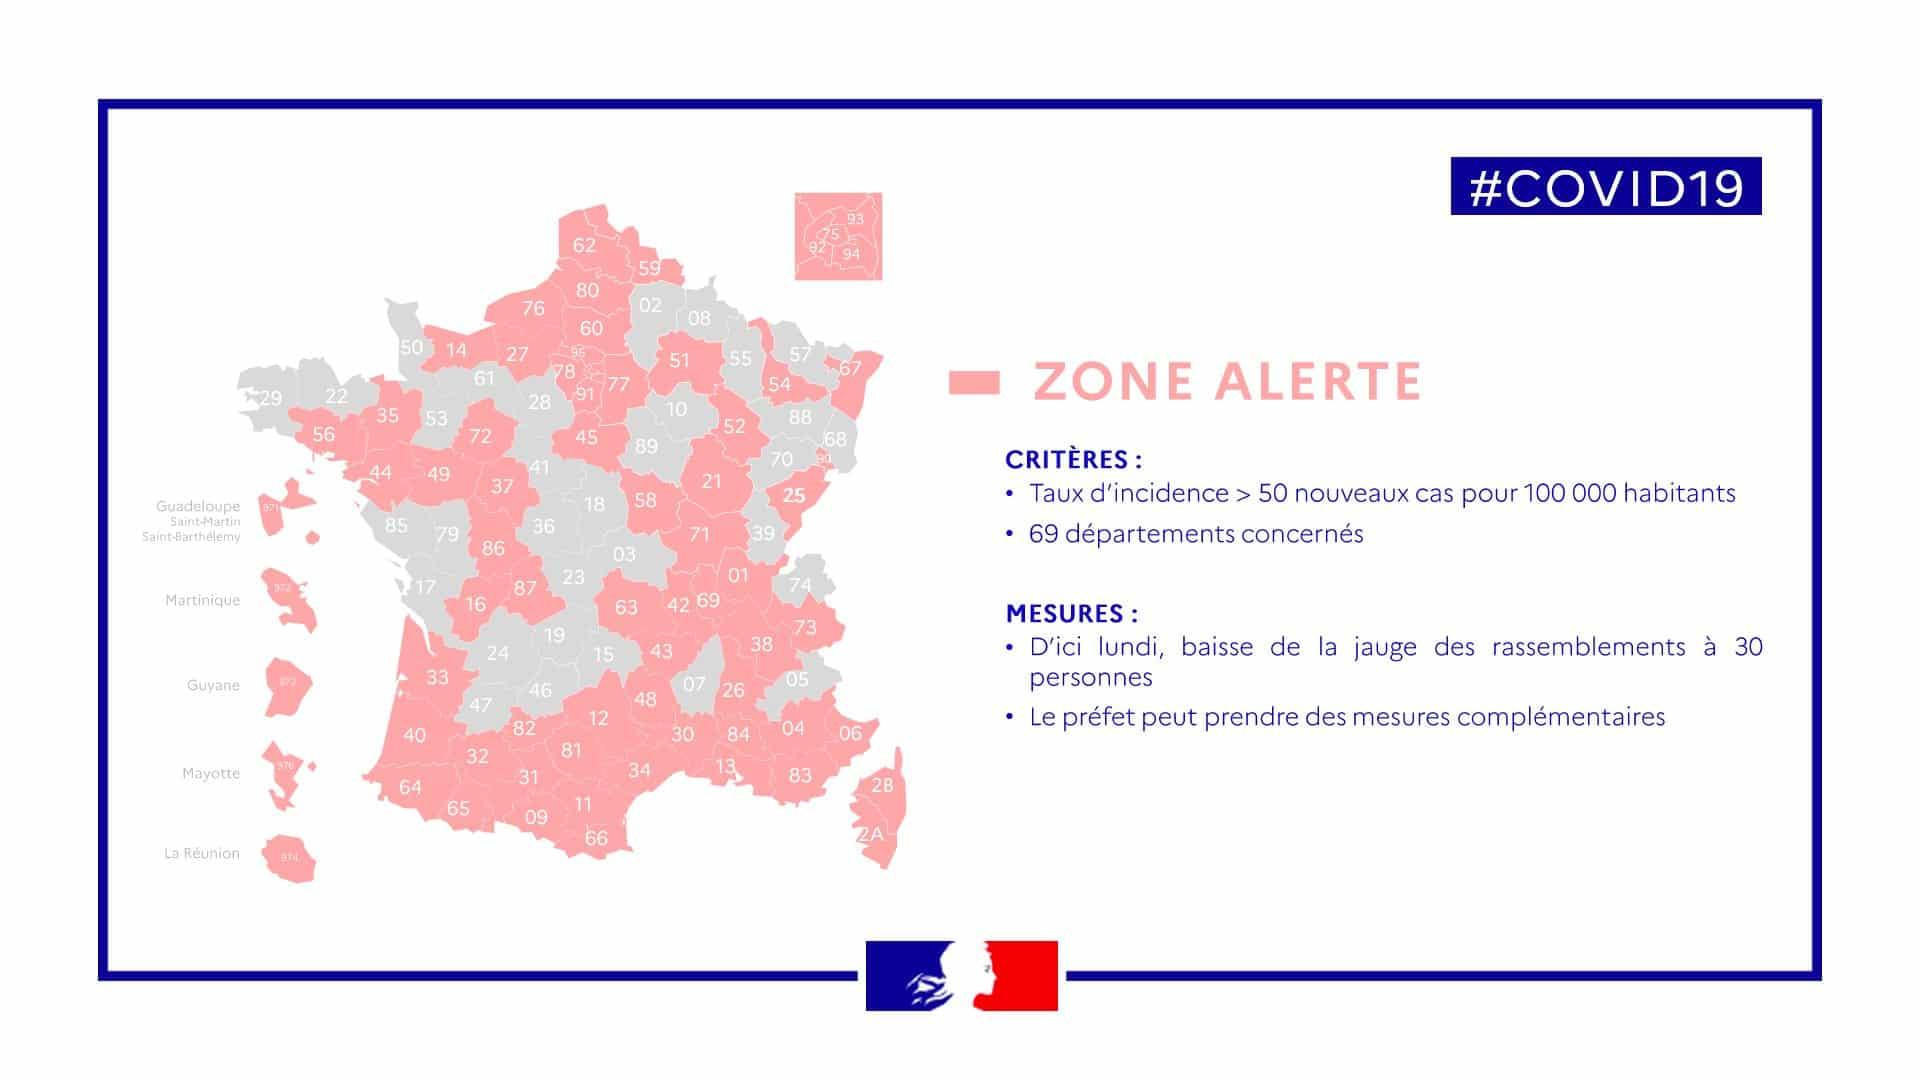 Passage en zone Alerte de l'Oise